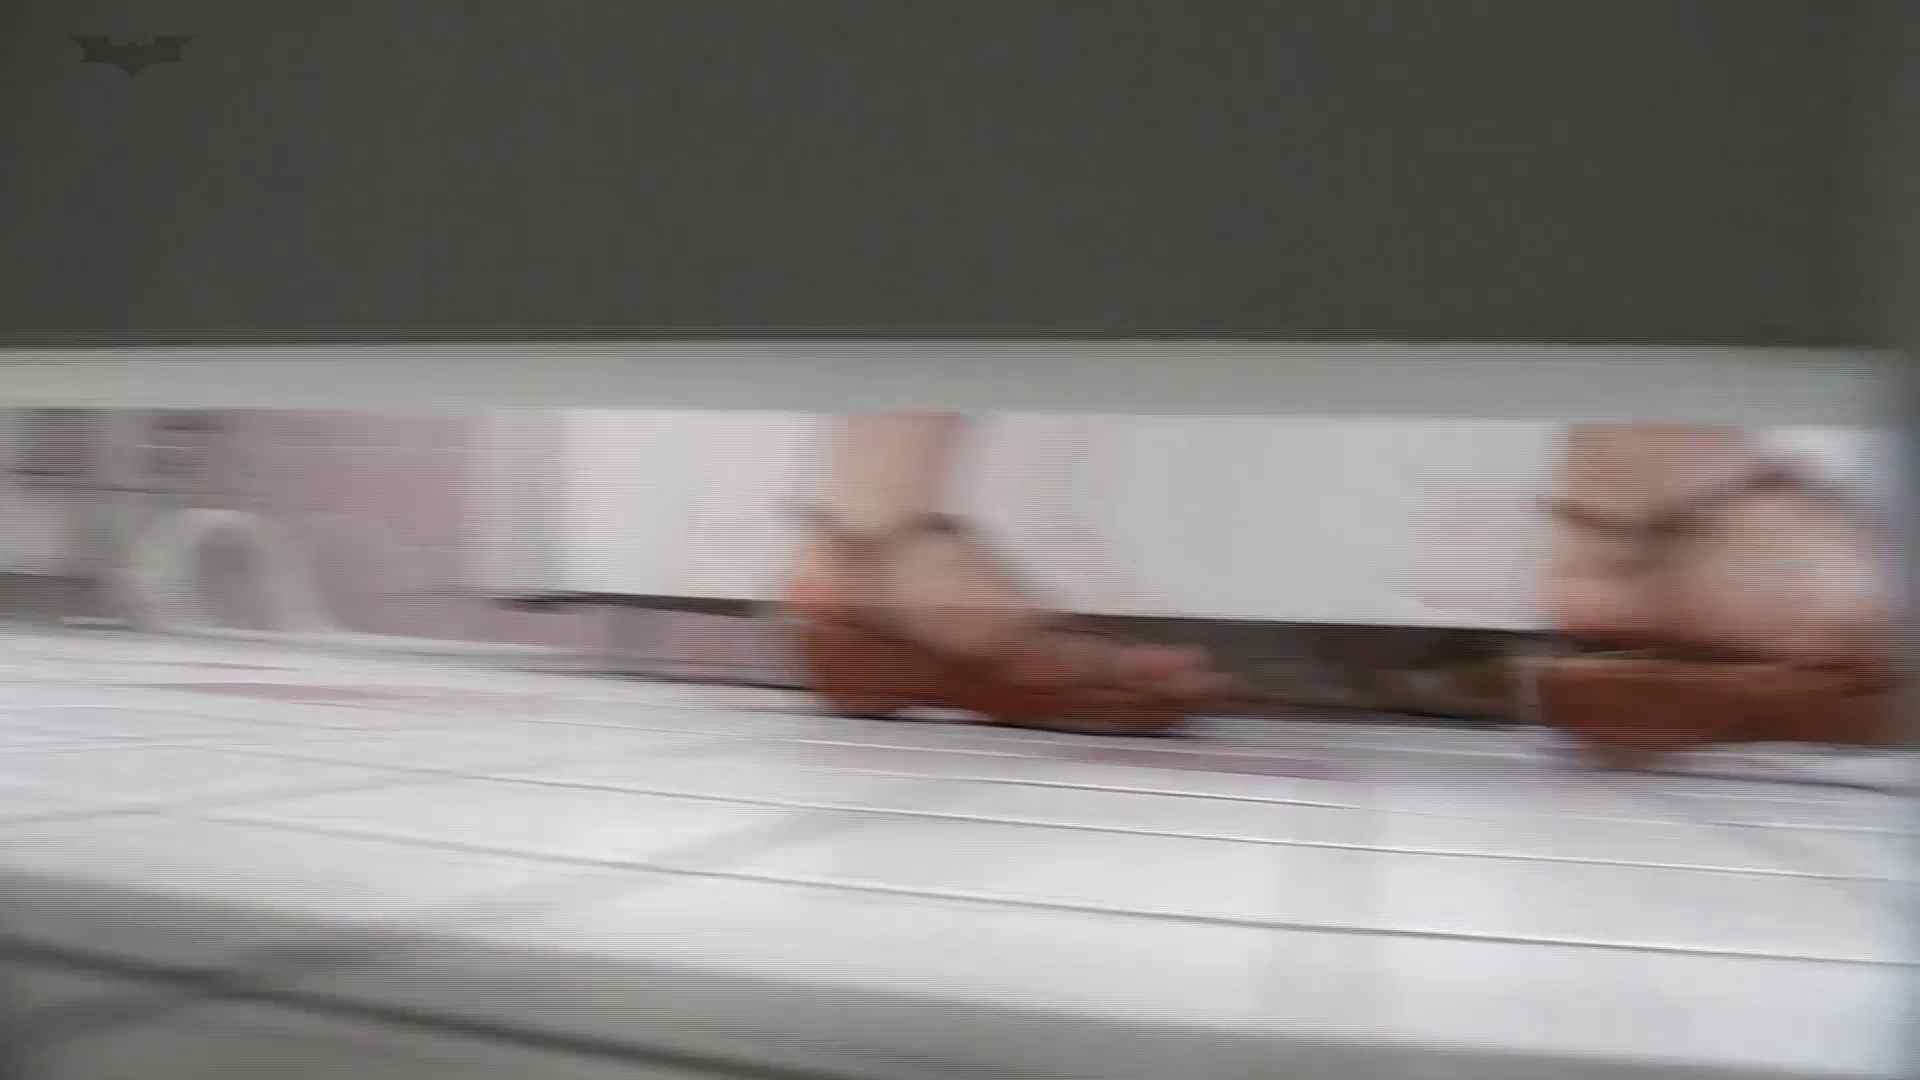 無修正エロ動画|美しい日本の未来 No.21 鼻血注意!!|怪盗ジョーカー